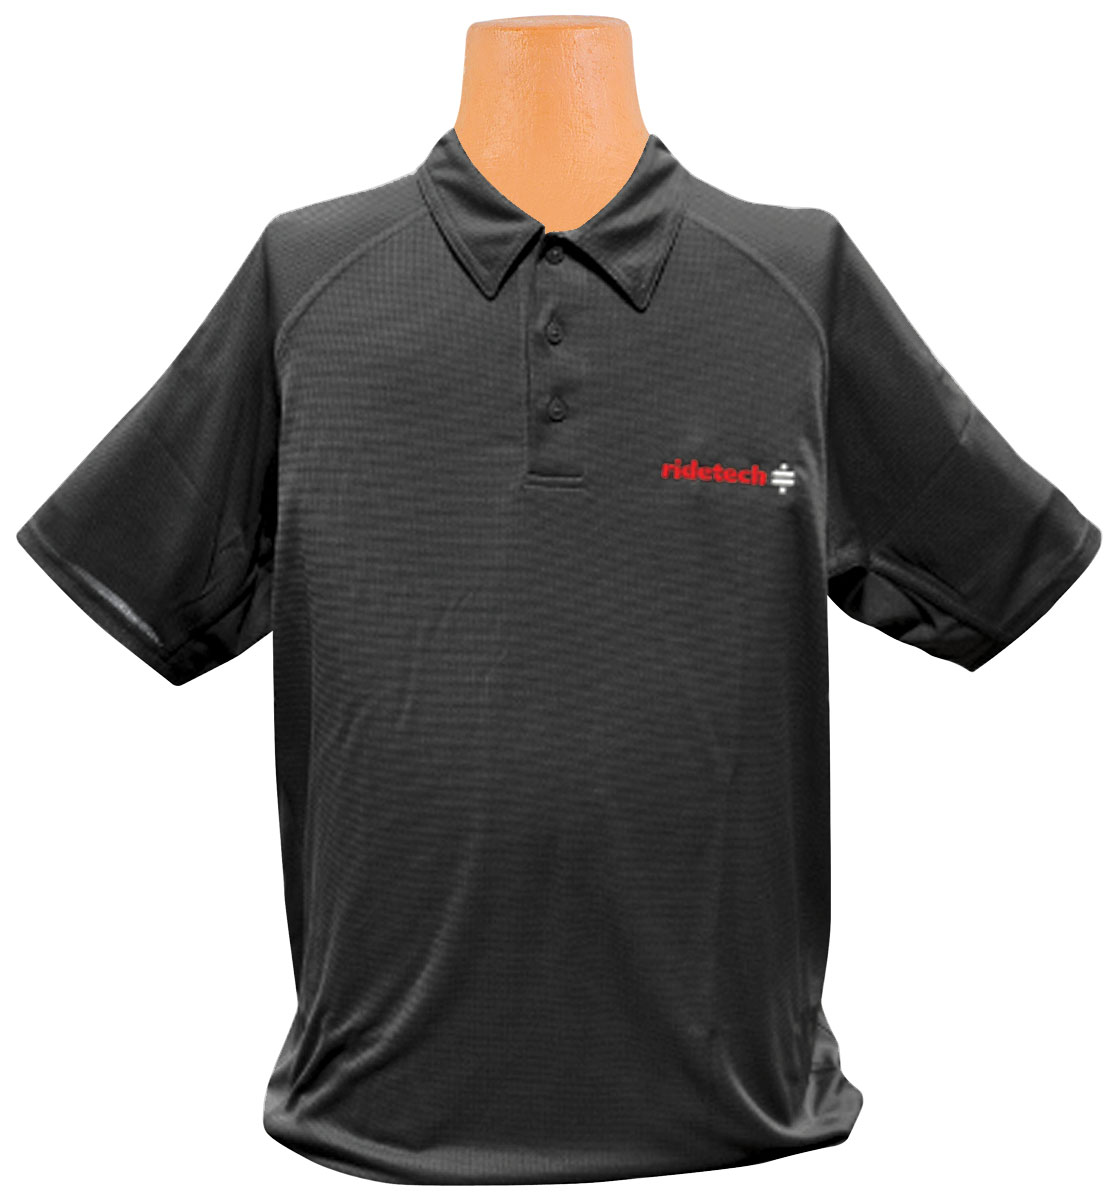 Photo of Ride Tech Logo Polo Shirt black